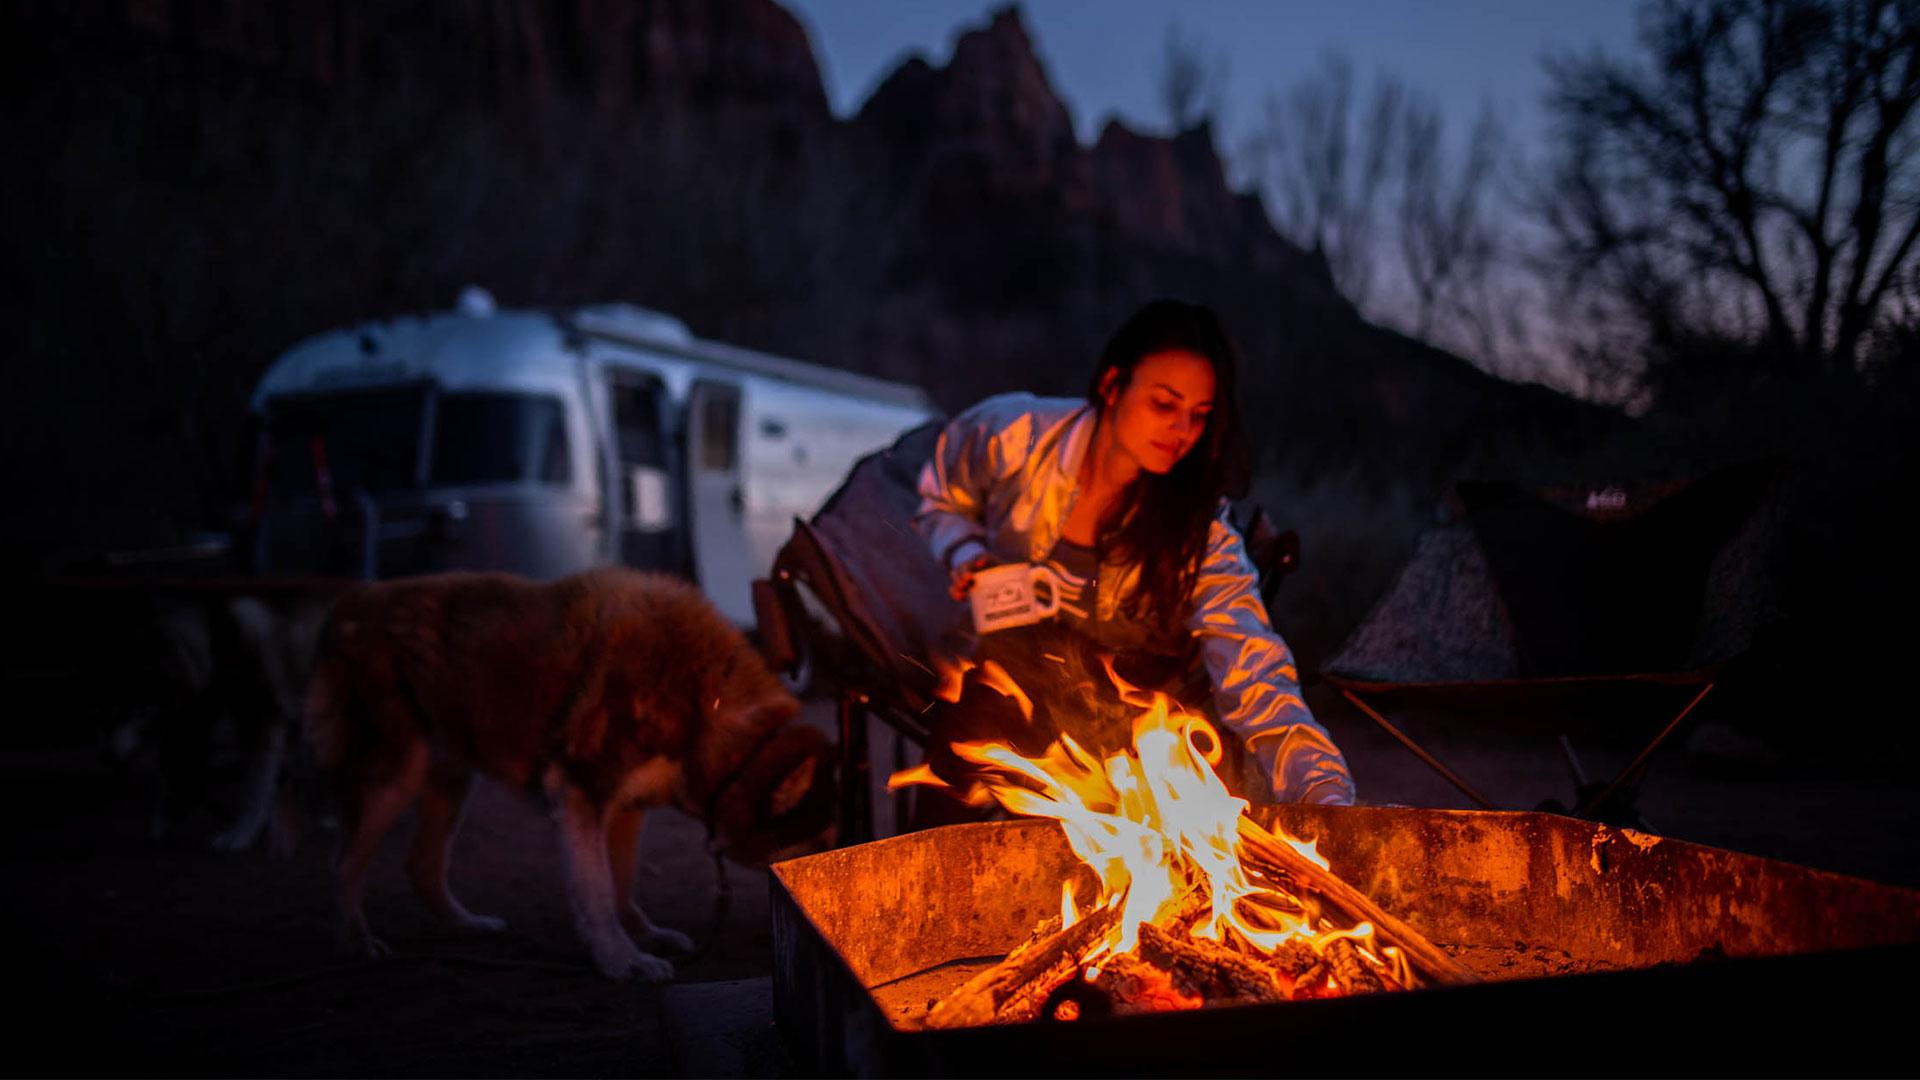 airstream-2021-fall-foliage-camping-campfire